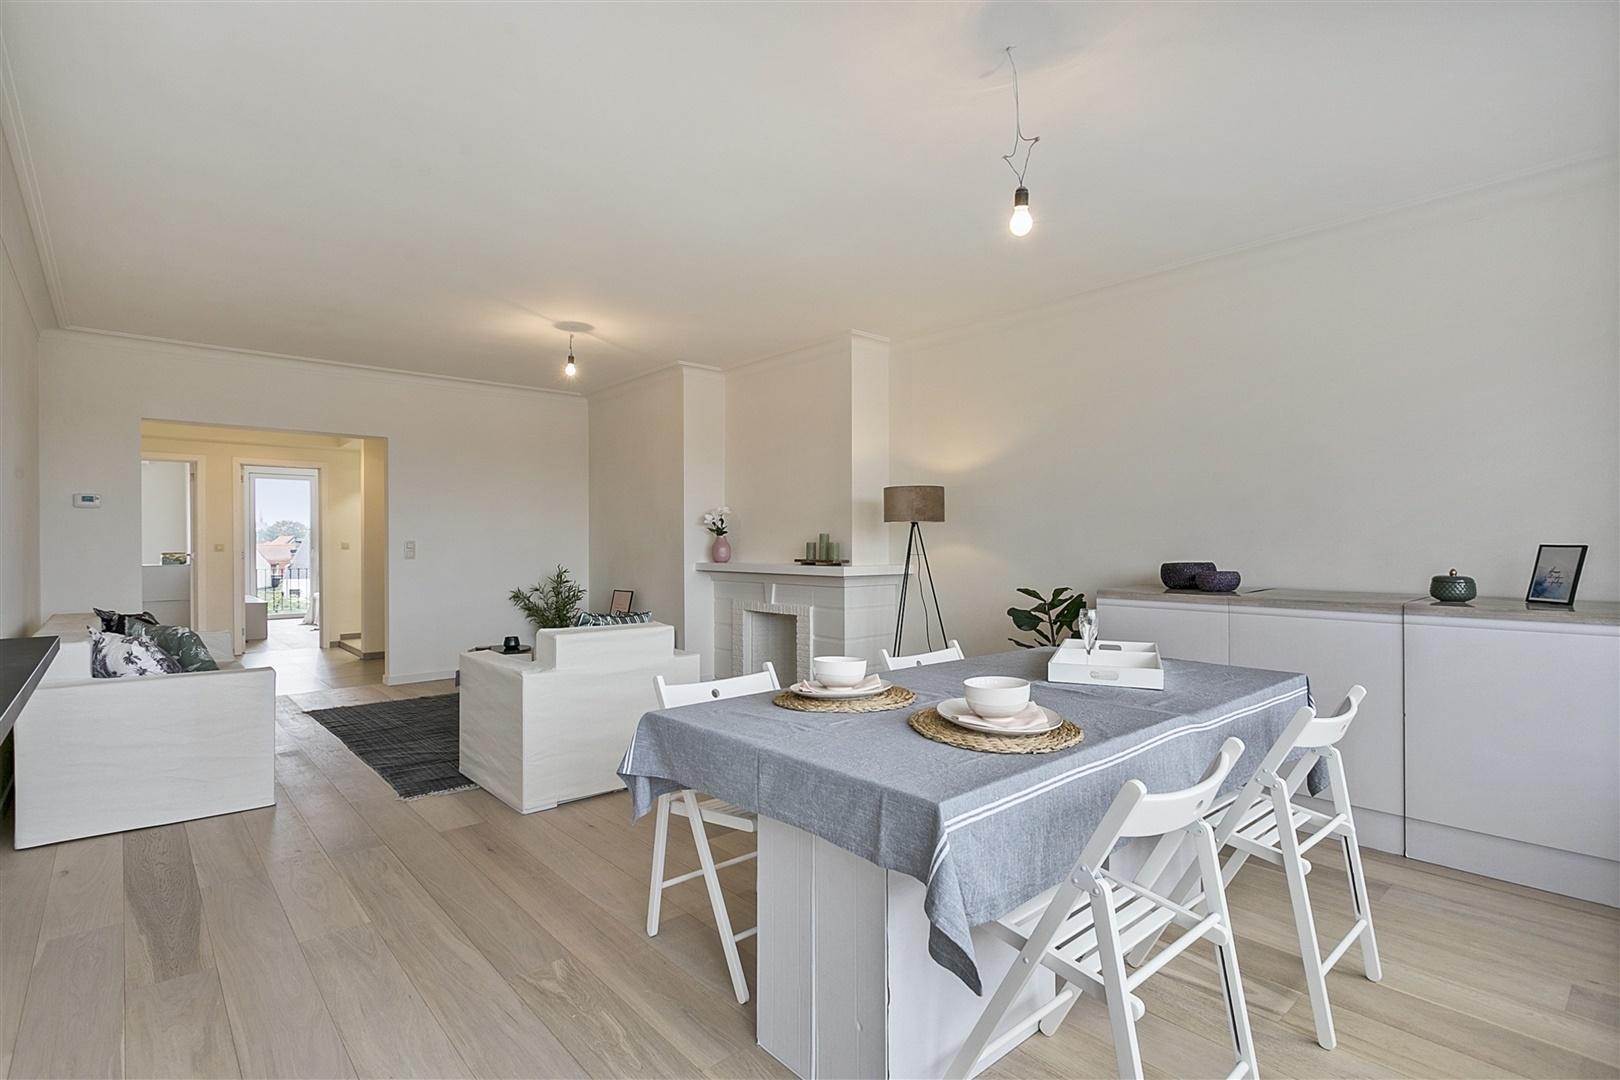 Kwalitatief gerenoveerd appartement met 2 slpk en terras